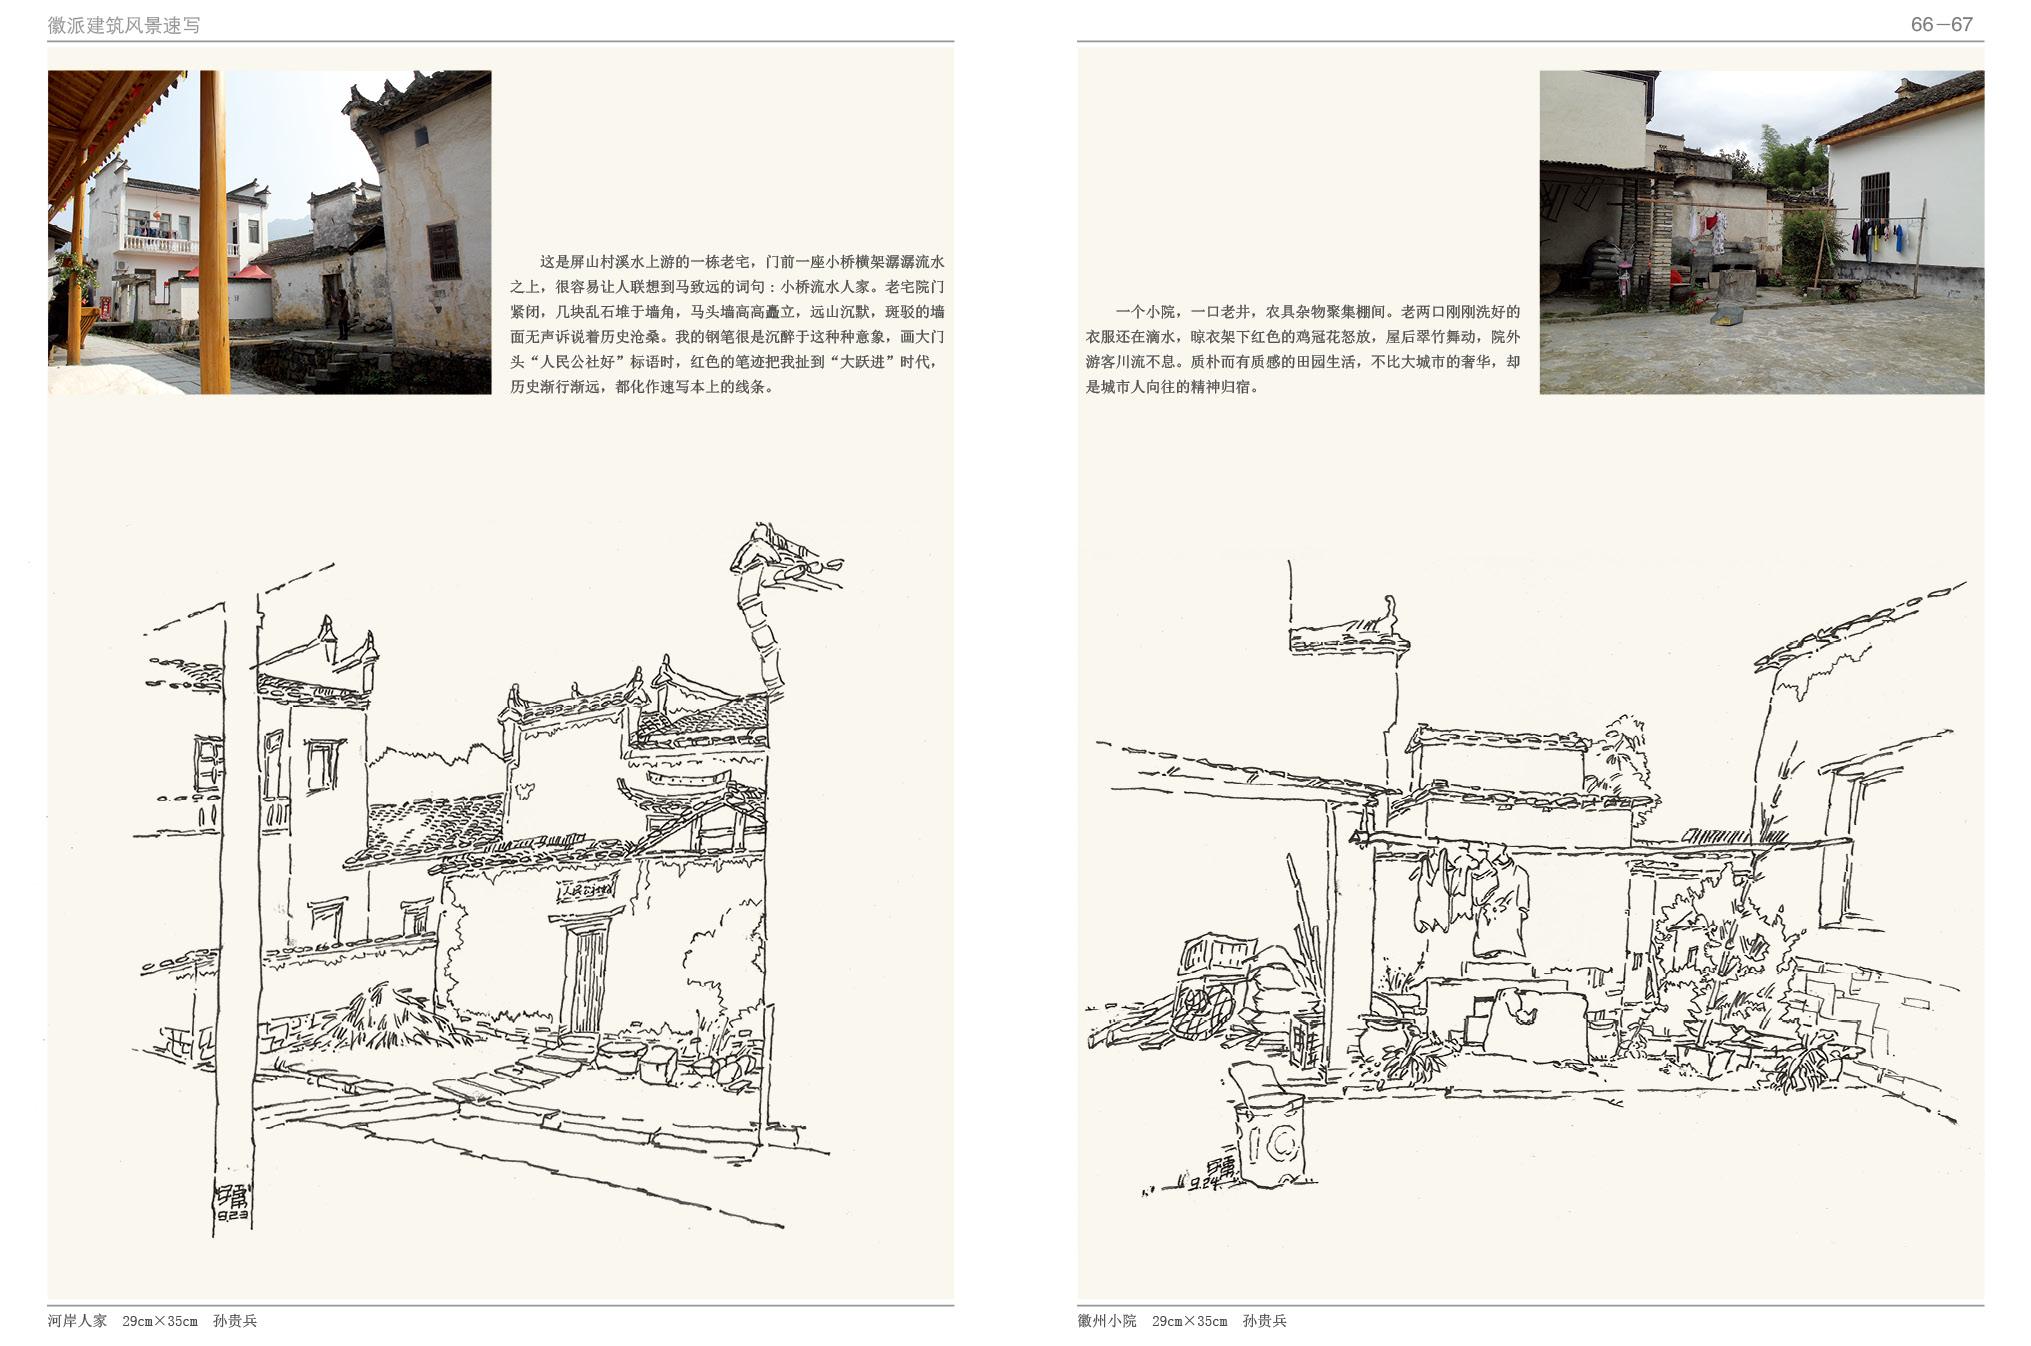 安徽大学毕业,师从陈林,刘继潮,黄德俊等徽派绘画,设计名师,高级室内